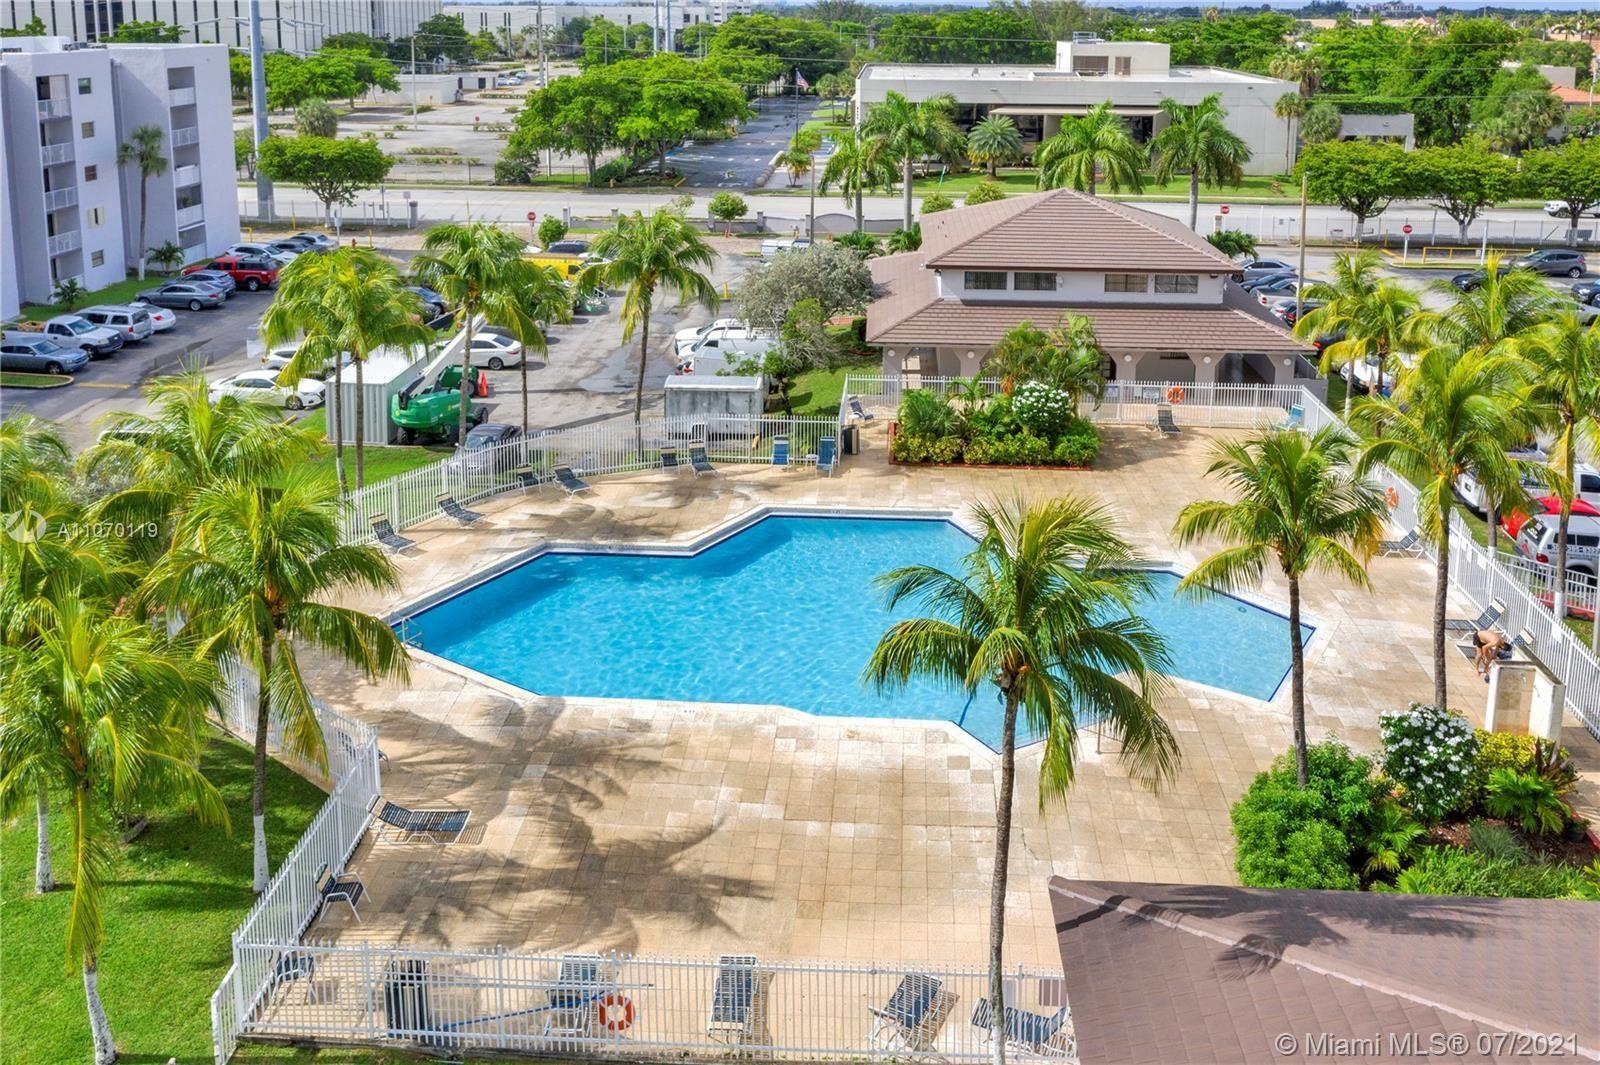 8145 NW 7th St #315, Miami, FL 33126 - #: A11070119